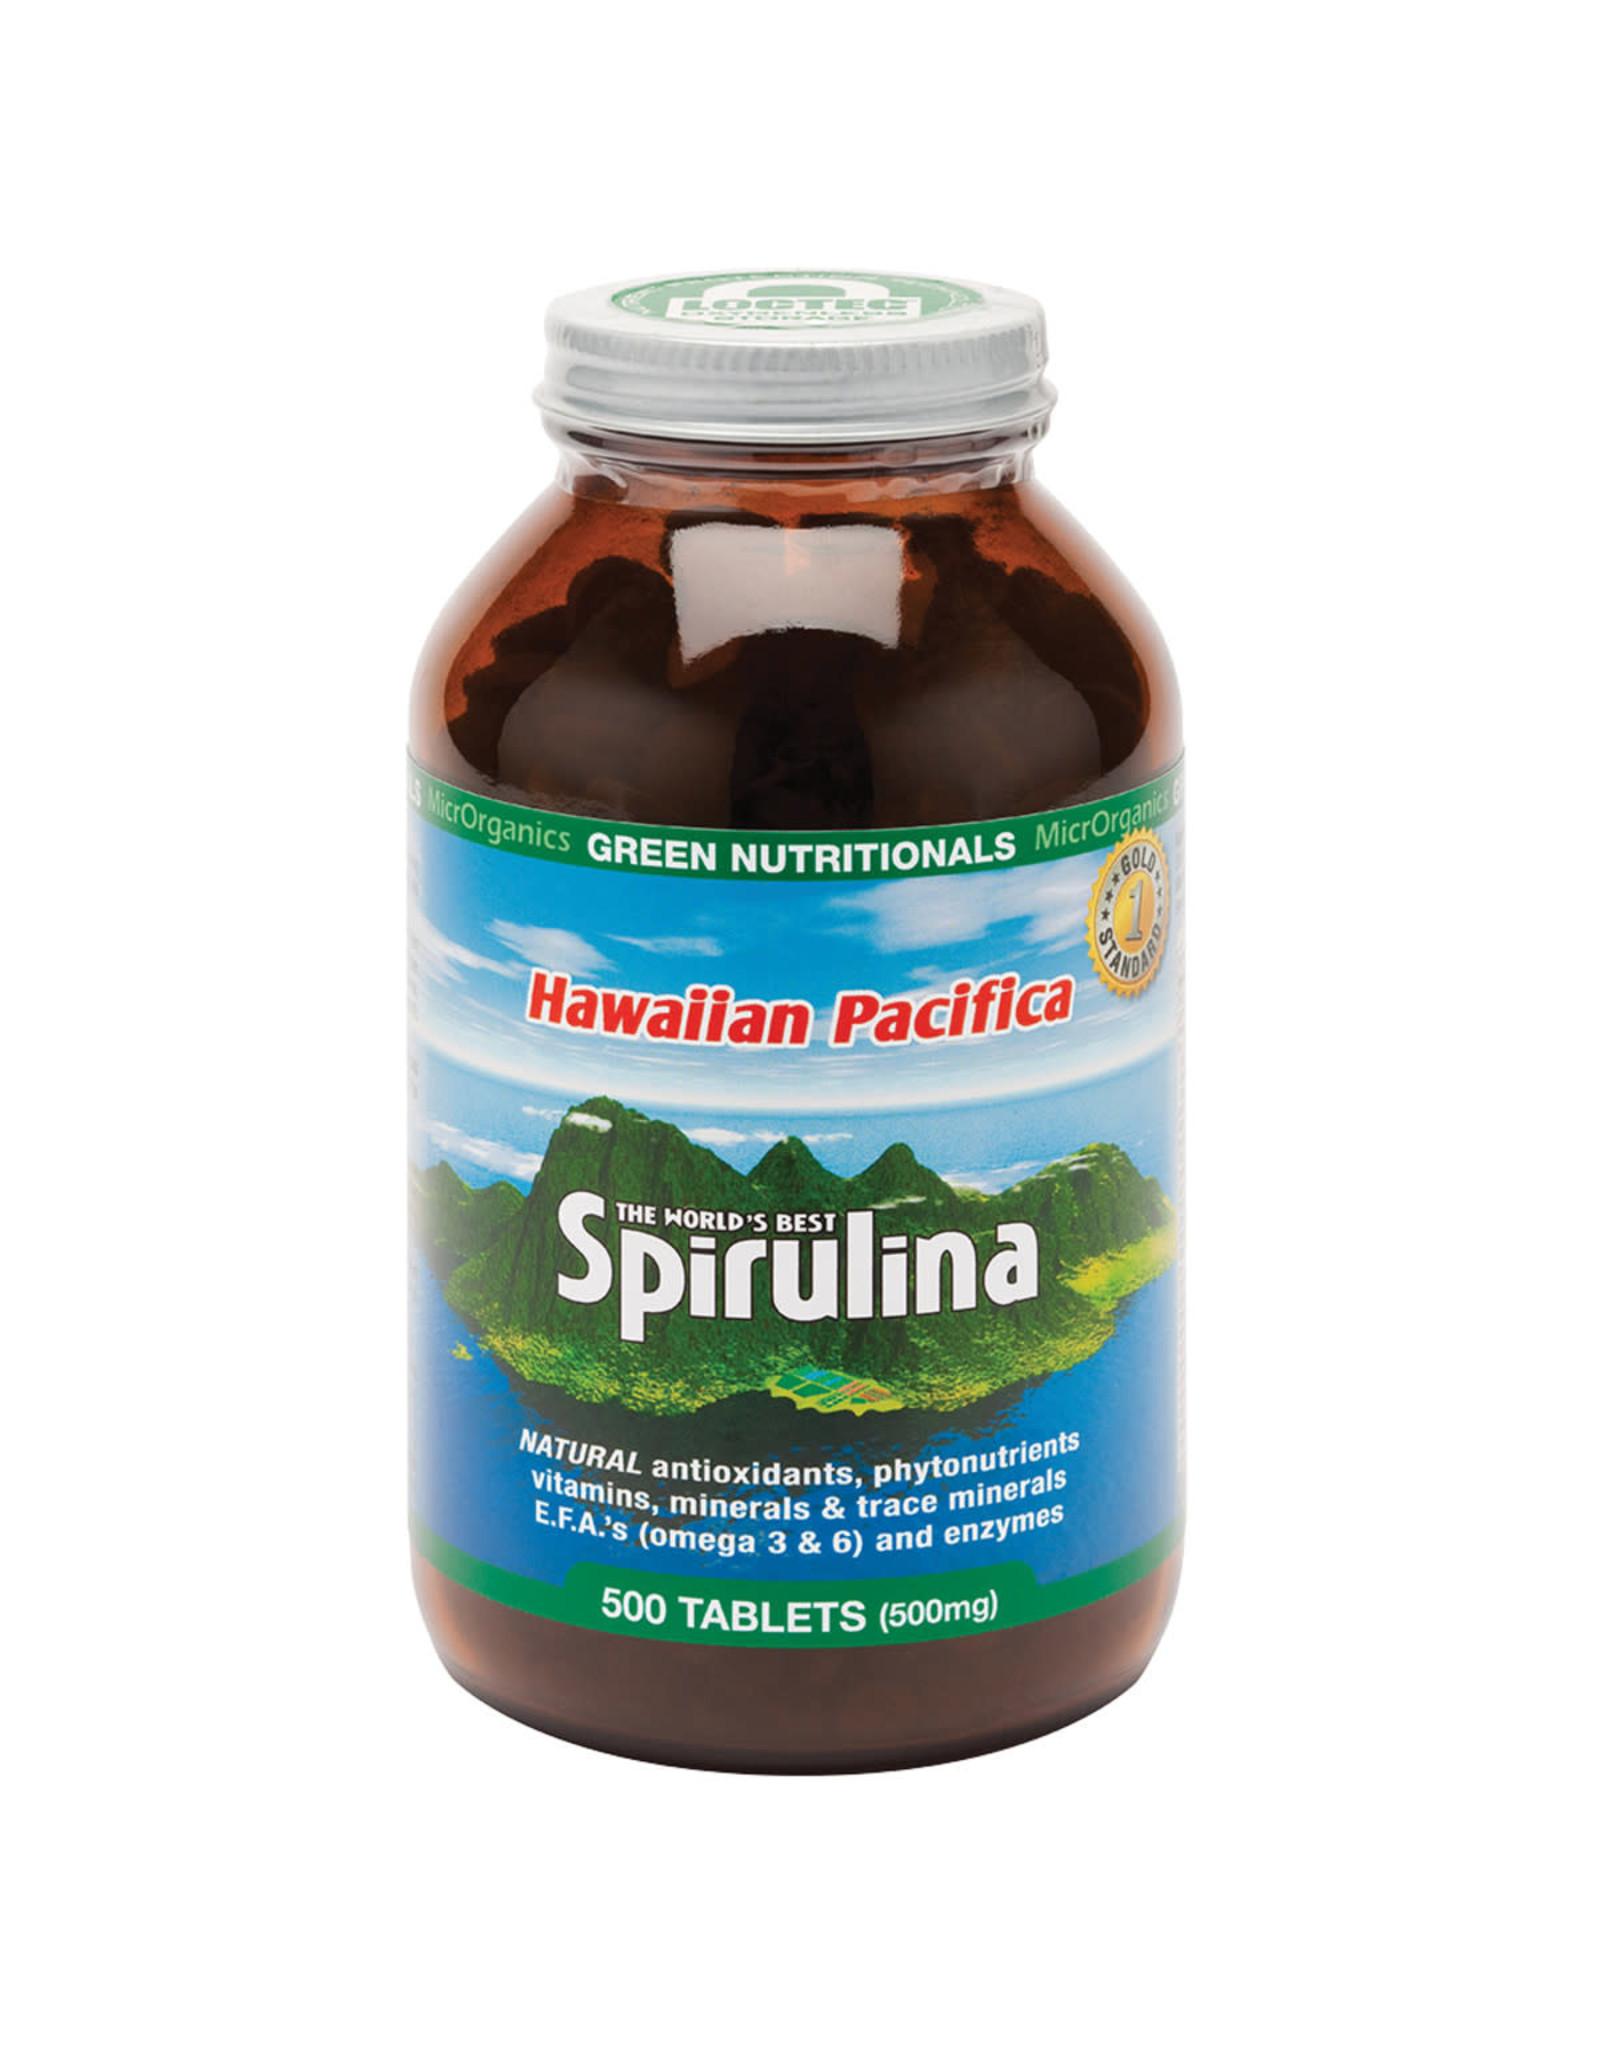 MicroOrganics Hawaiian Pacifica Spirulina 500mg